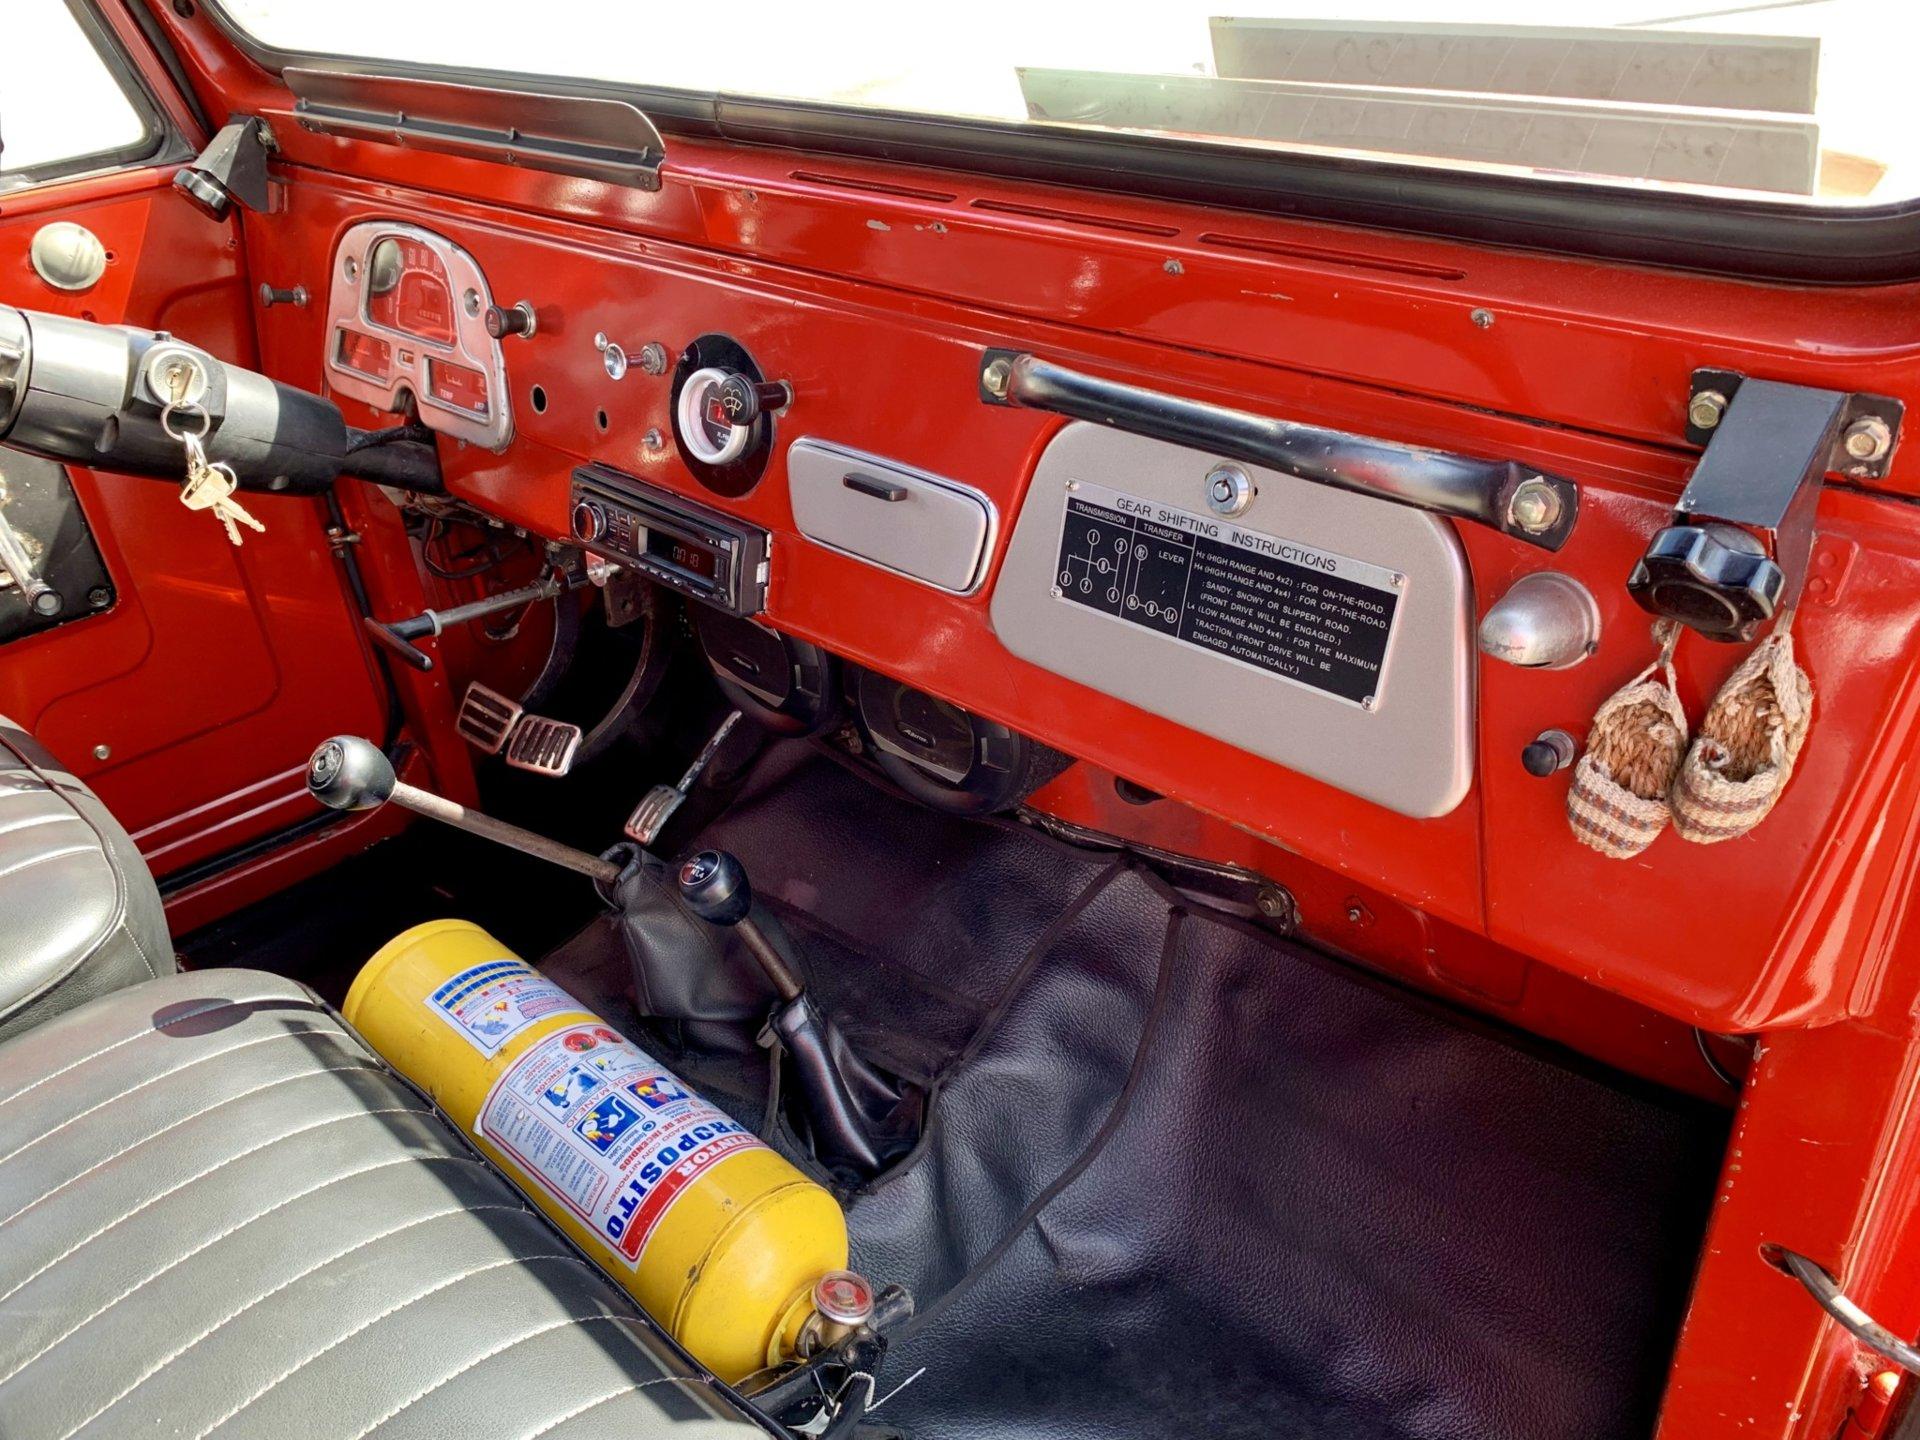 1974 FJ40 056.jpg